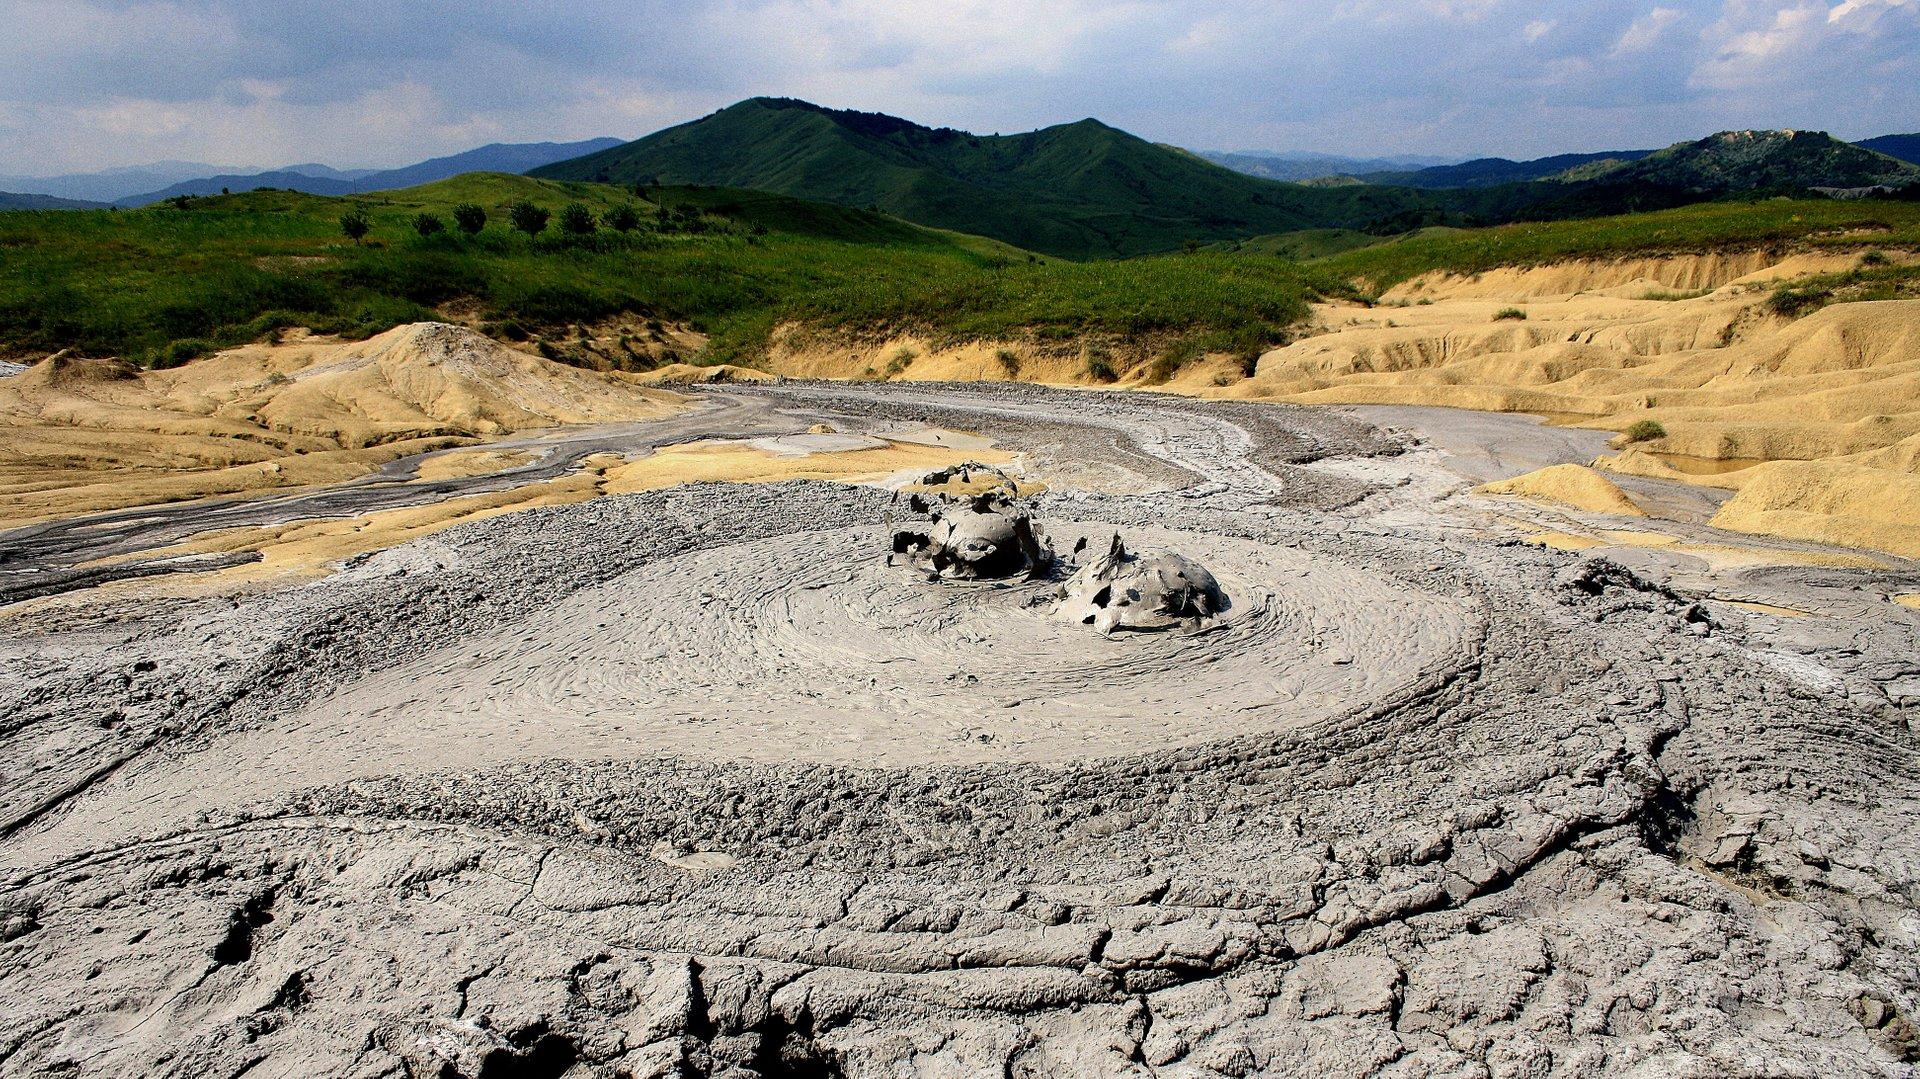 Mud Volcanoes in Romania 2020 - Best Time